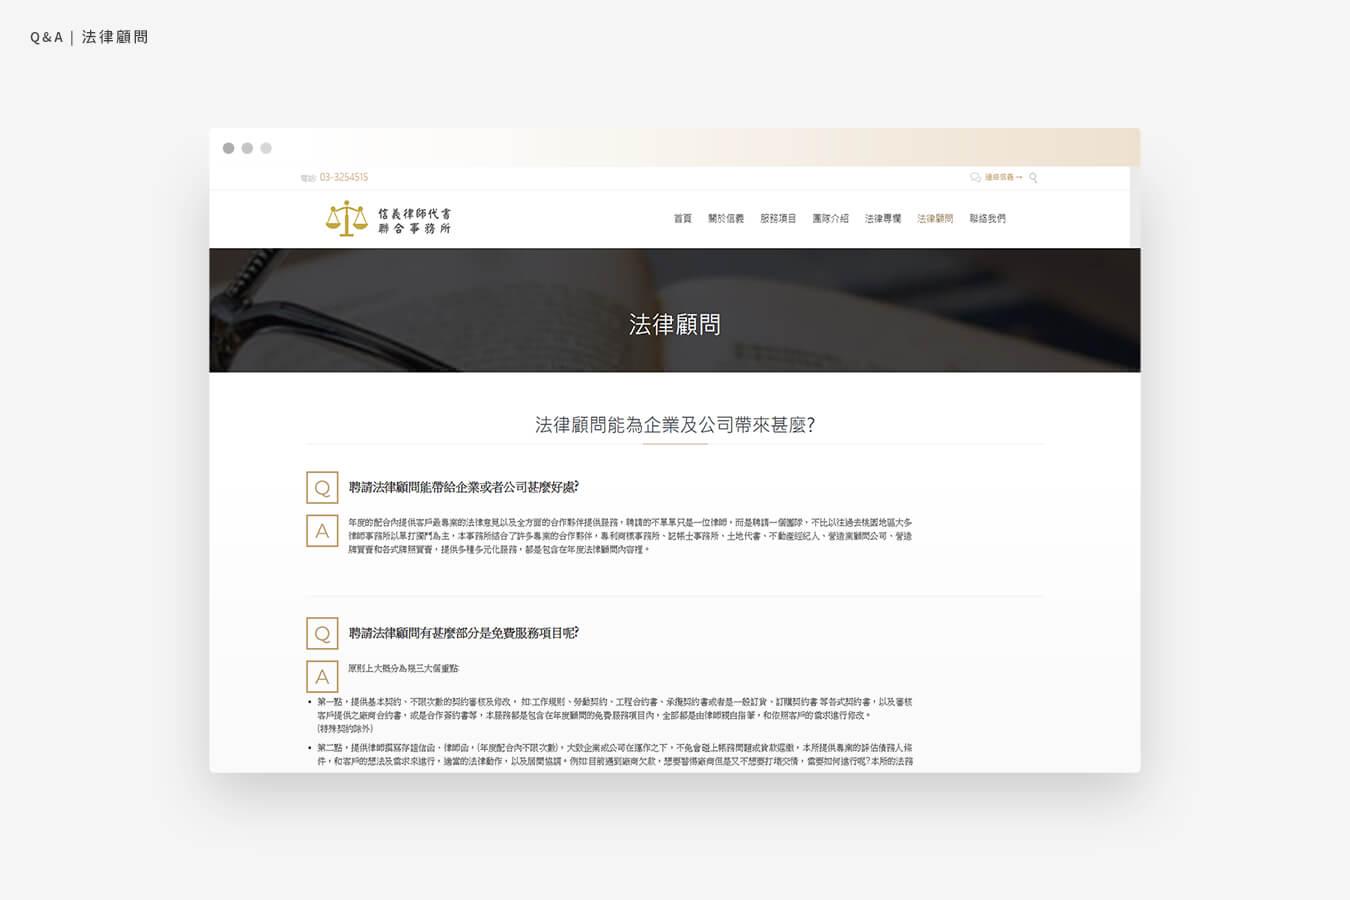 企業形象網站   網站設計   公司品牌視覺打造專業形象網站! 企業形象最佳展示、潛在客戶一眼記住! 交給B2B網站設計專家傑克大俠